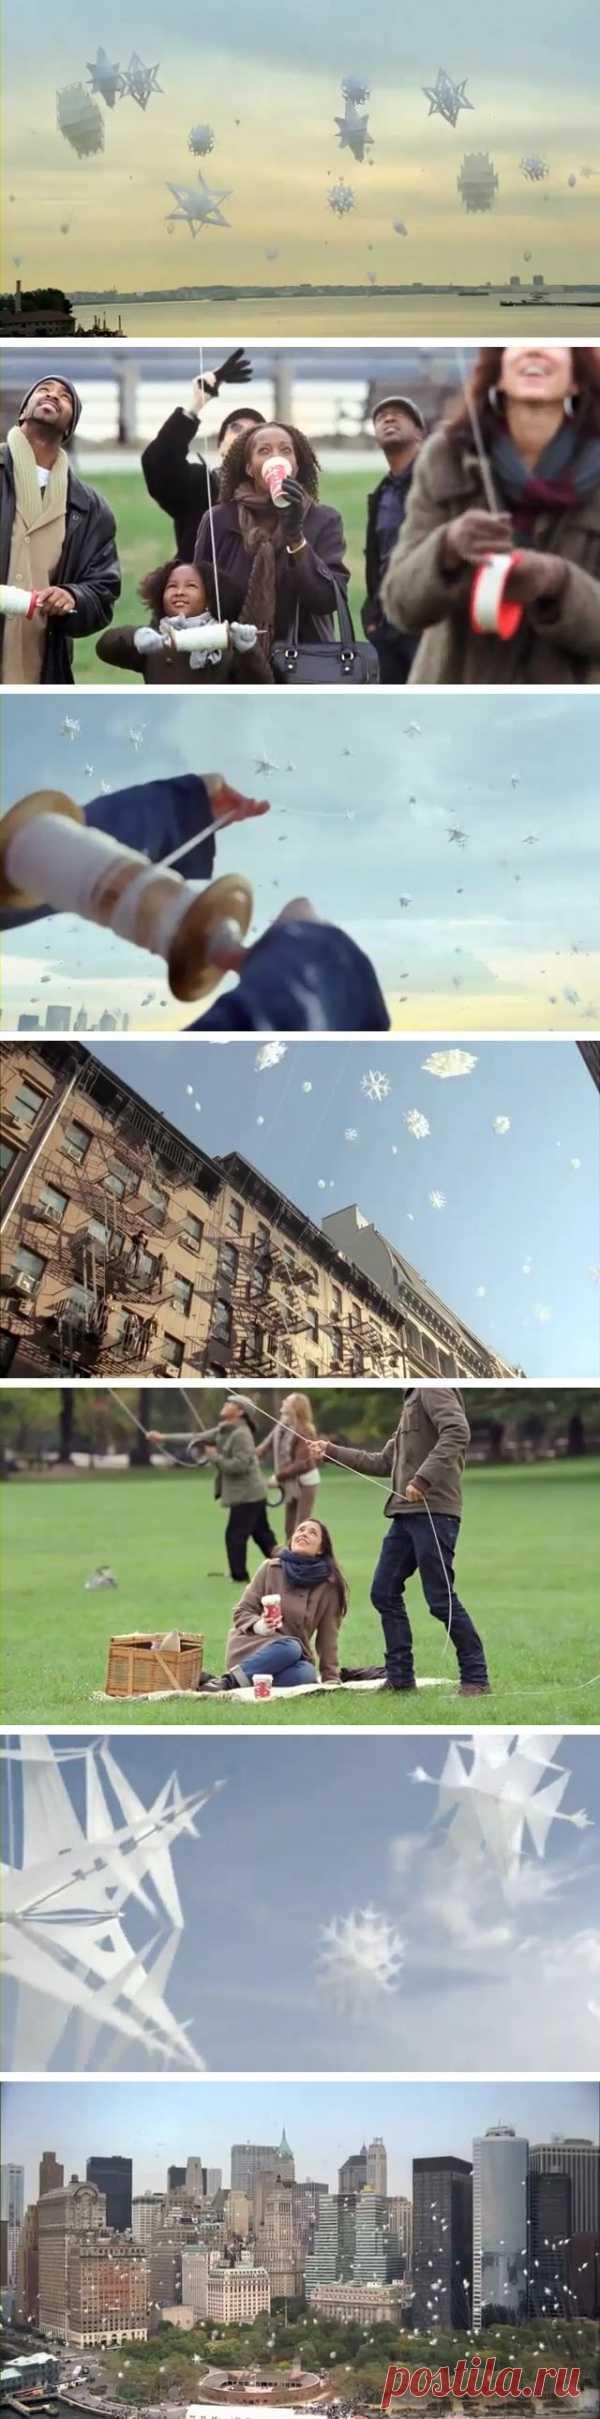 Первый снег или воздушные змеи? Учитесь отдыхать с удовольствием! Реклама Старбакс.